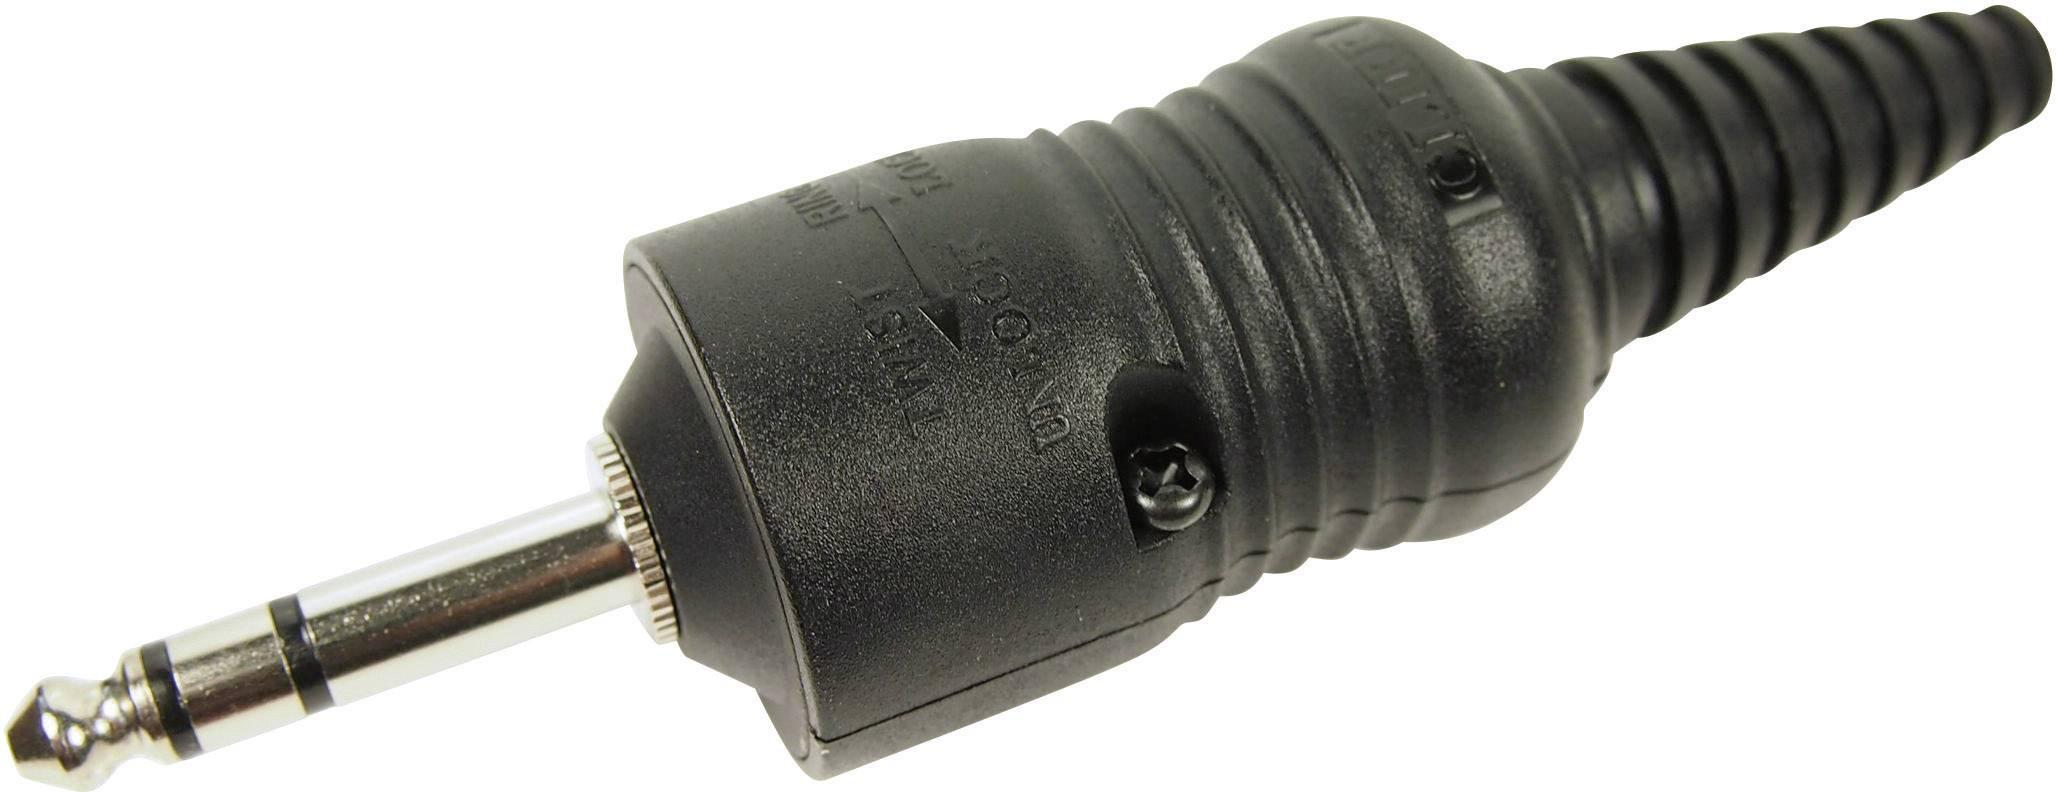 Jack konektor 6,35 mm stereo Cliff CL2075S, zástrčka rovná, 3pól., černá